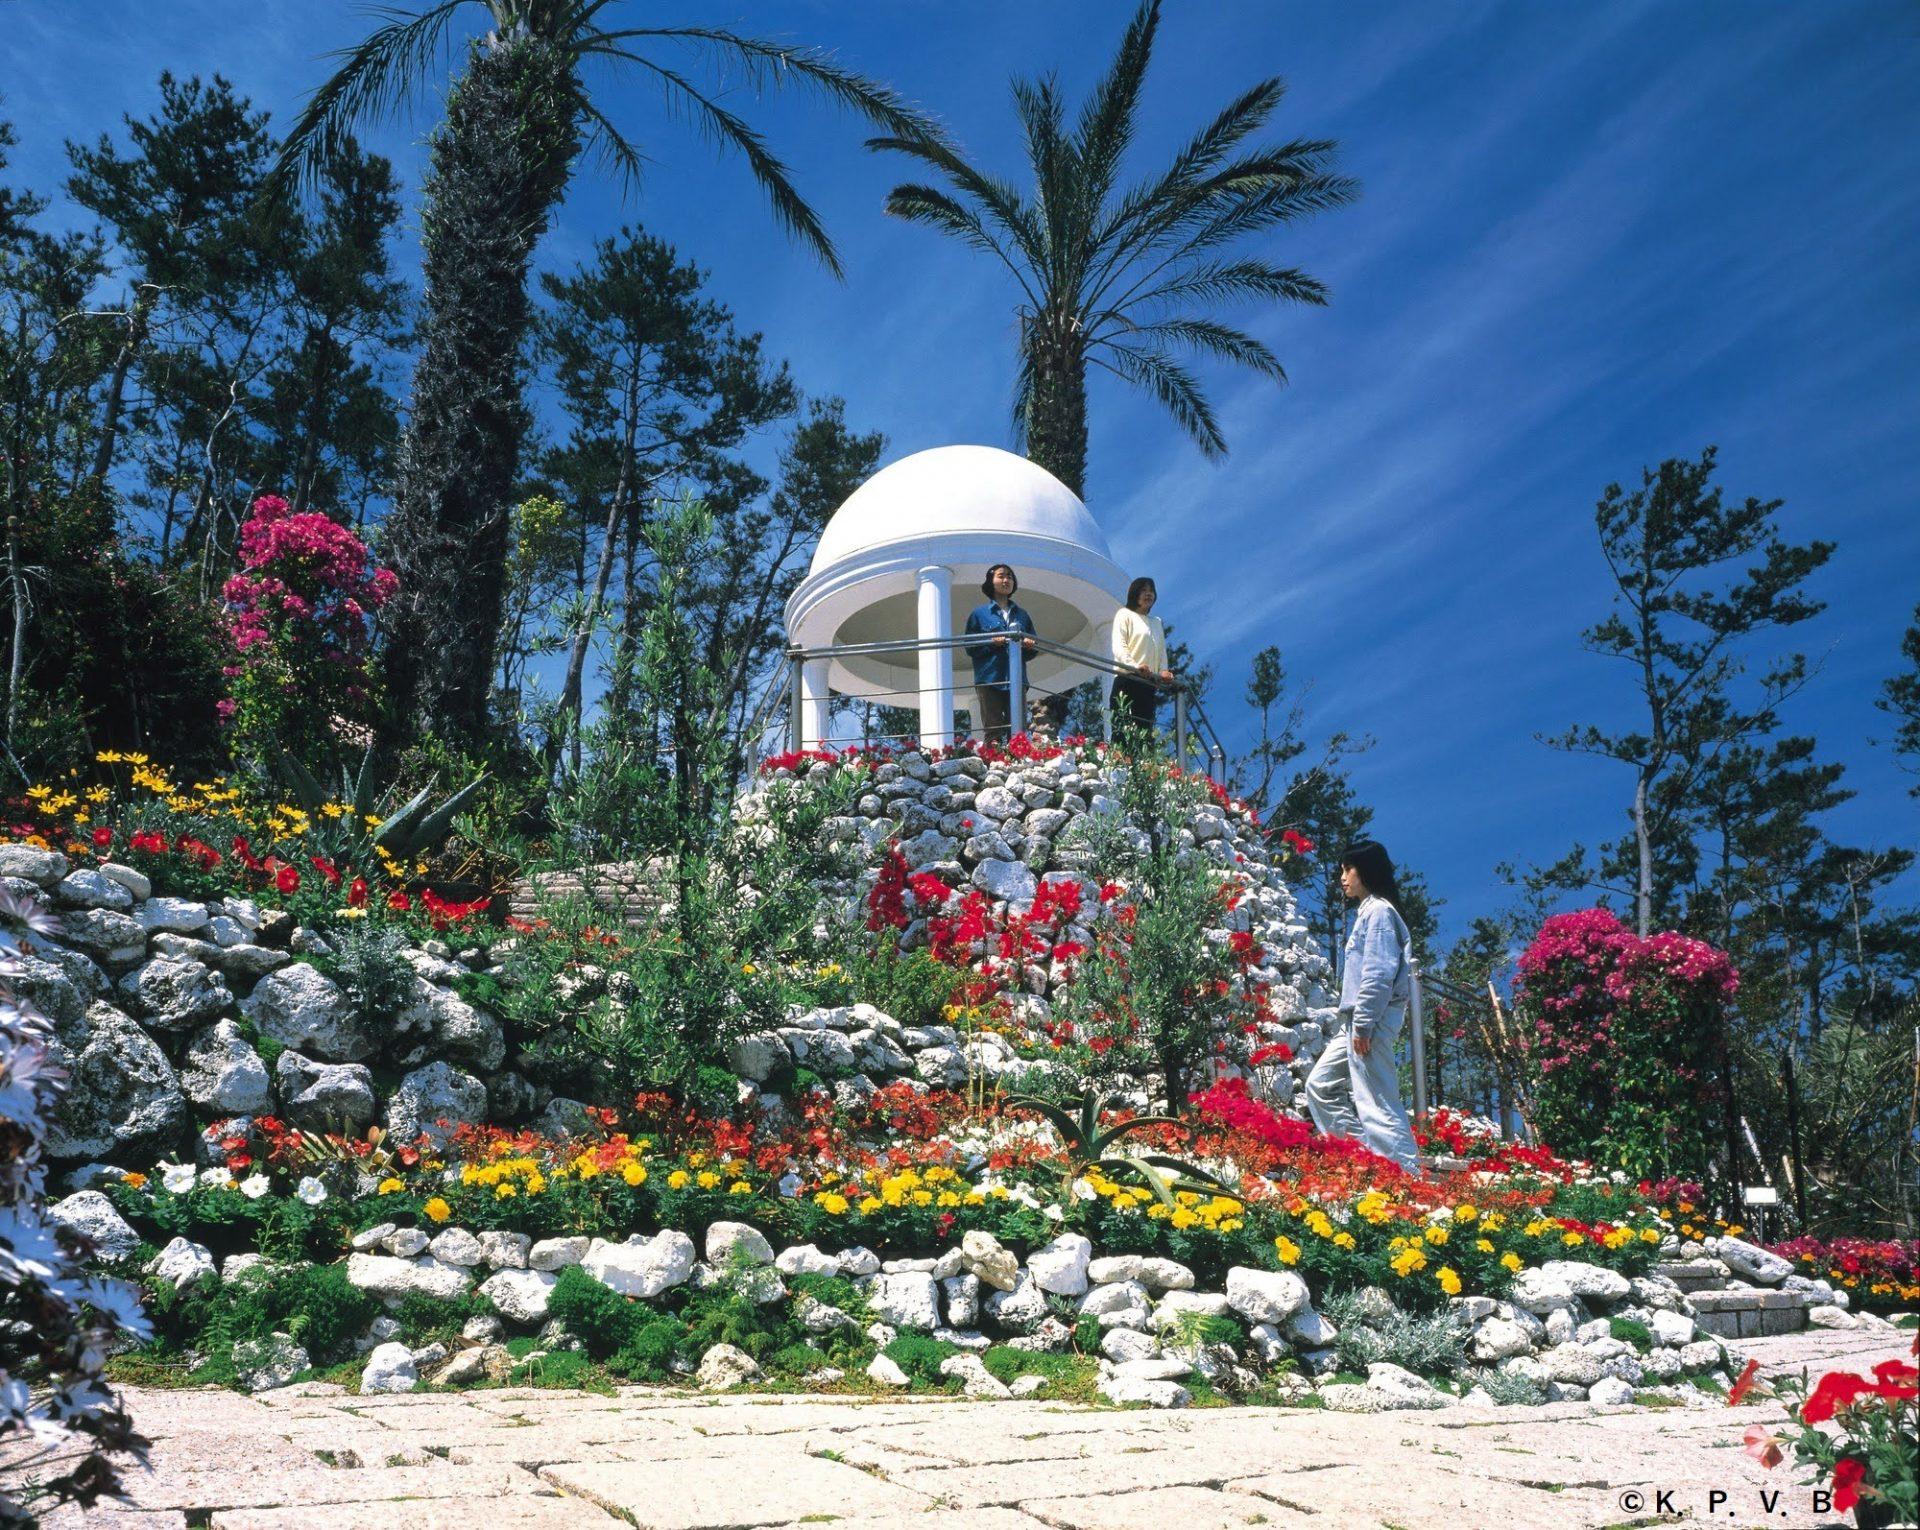 フラワーパークかごしま 鹿児島 観光 名所 人気 スポット 九州 旅行 おすすめ